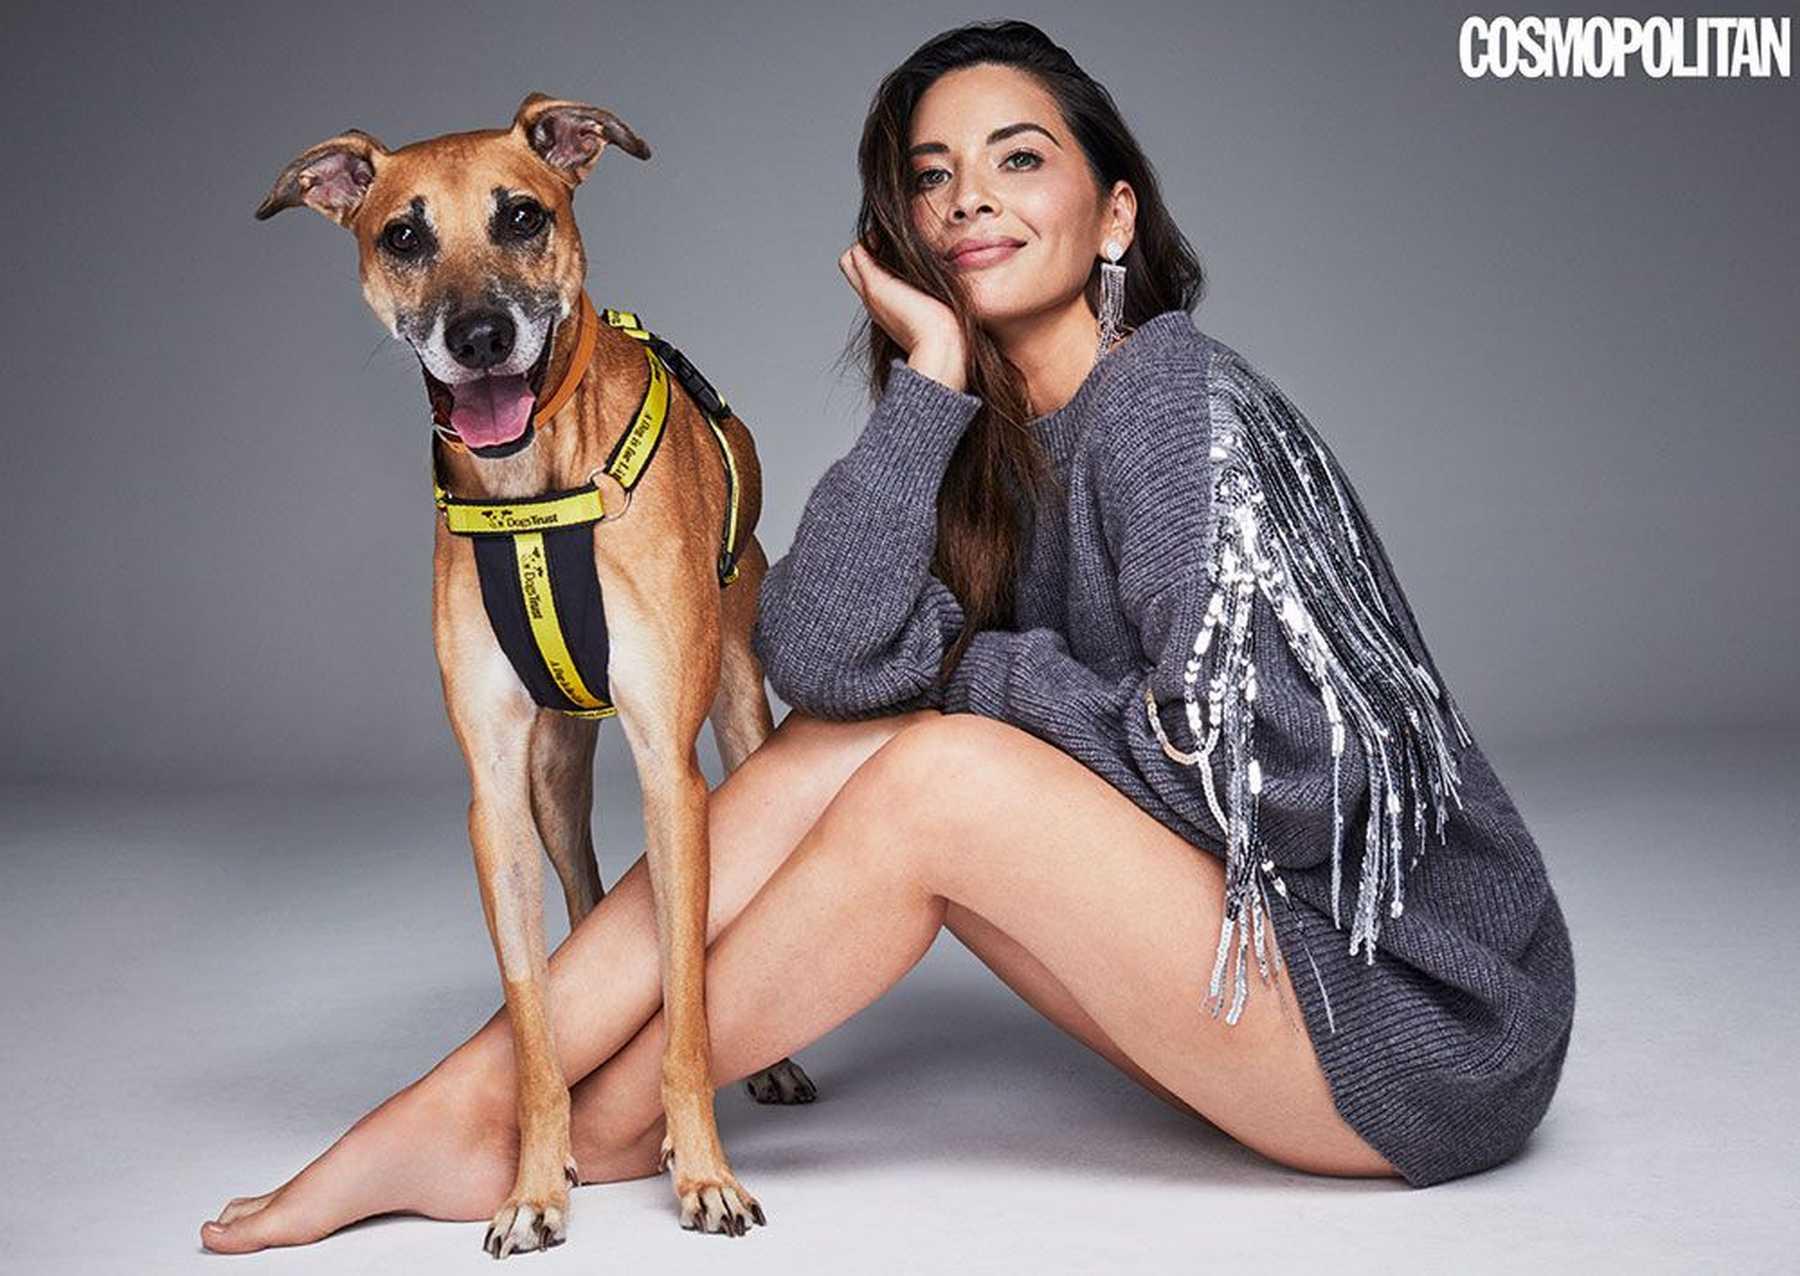 Olivia-Munn-Cosmopolitan-UK-December-2018e25c531013963354.jpg